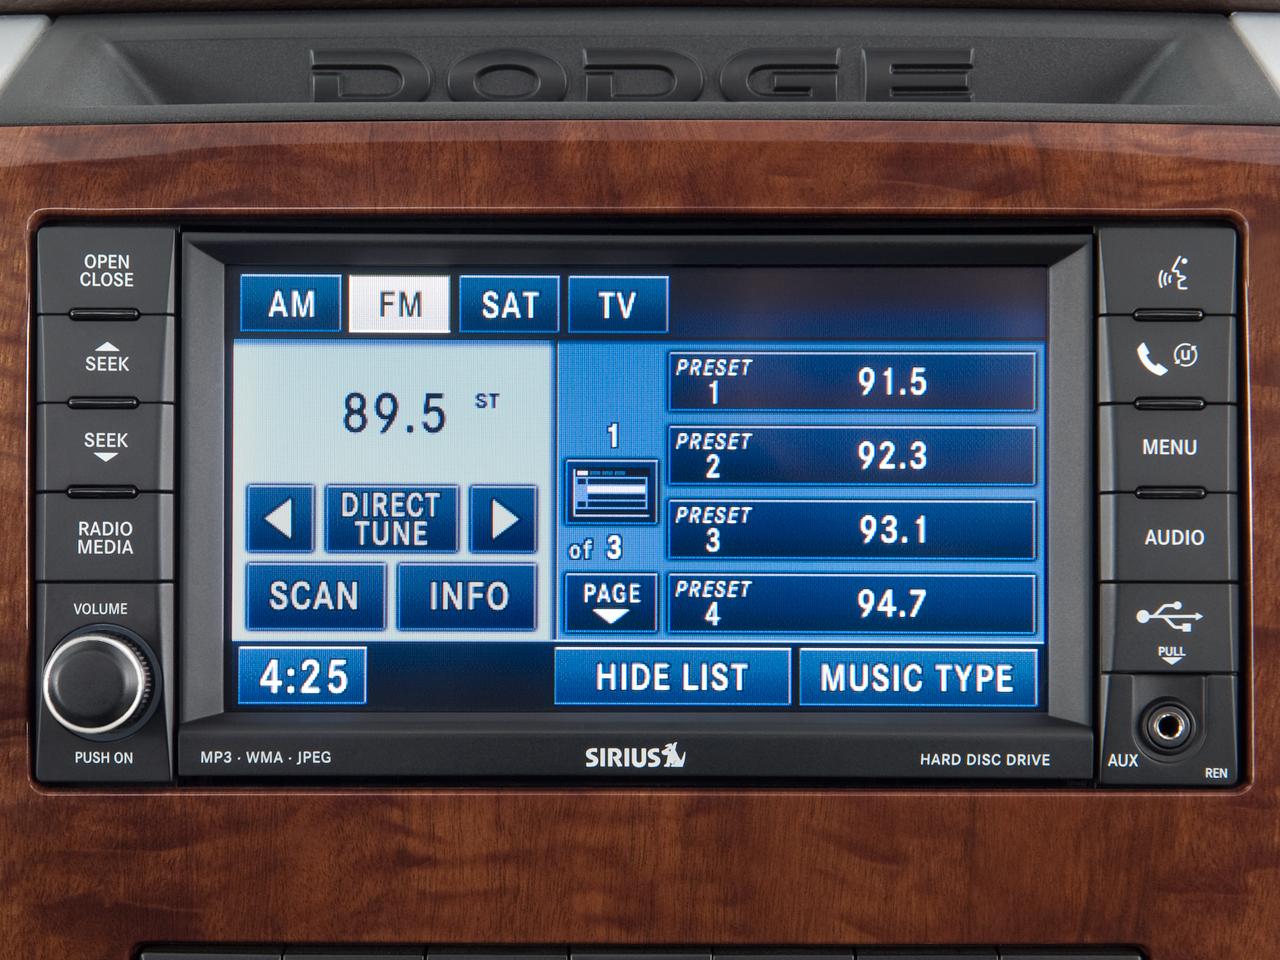 2009 Dodge Ram Pricing Starts At 22170 1992 Dakota Radio Wiring Diagram 77 78